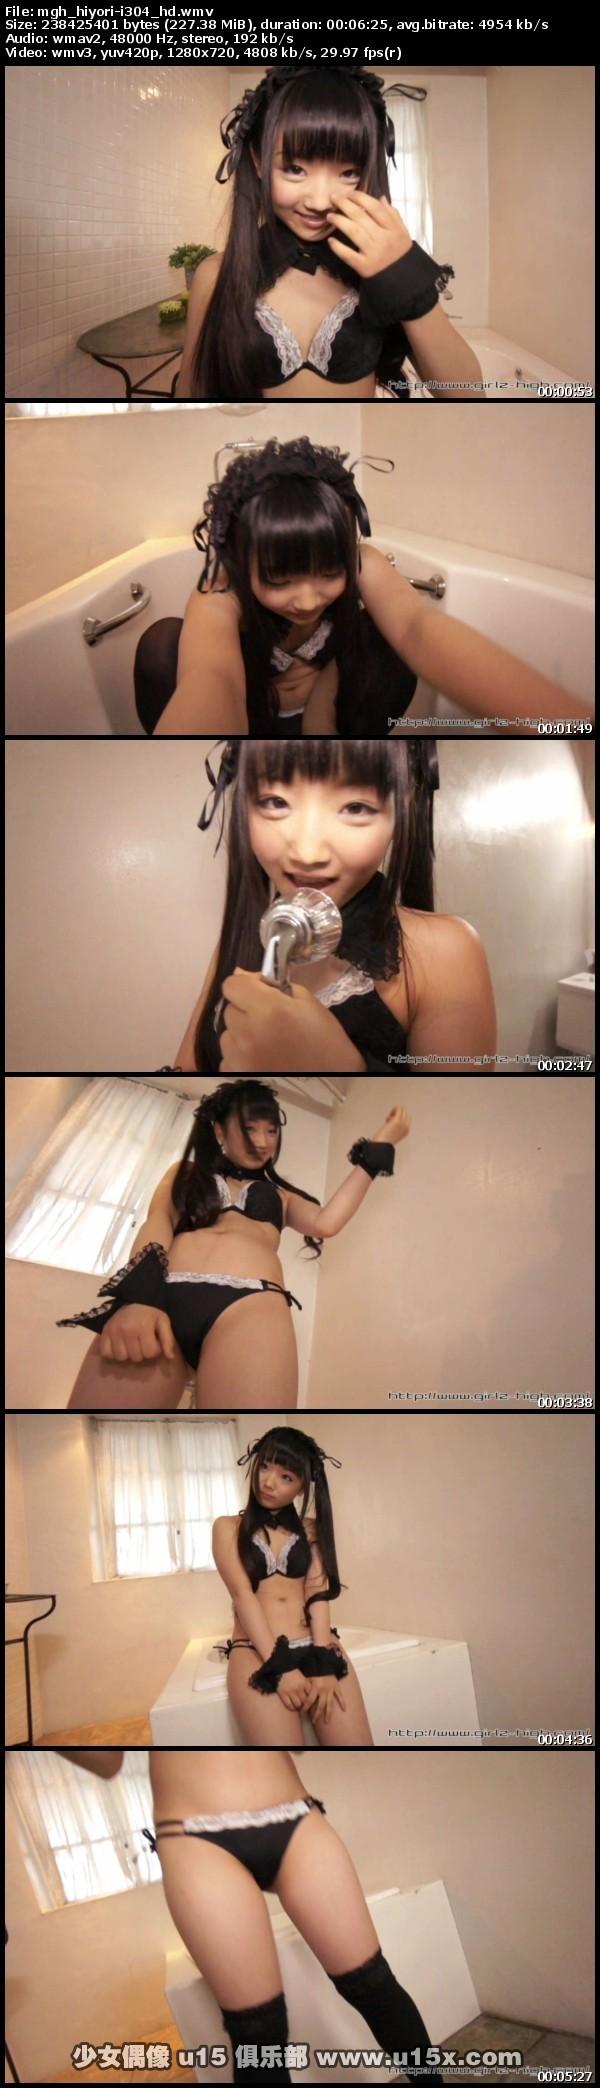 posttome teenclub 227 AV4.usのHOT Videos 人気動画